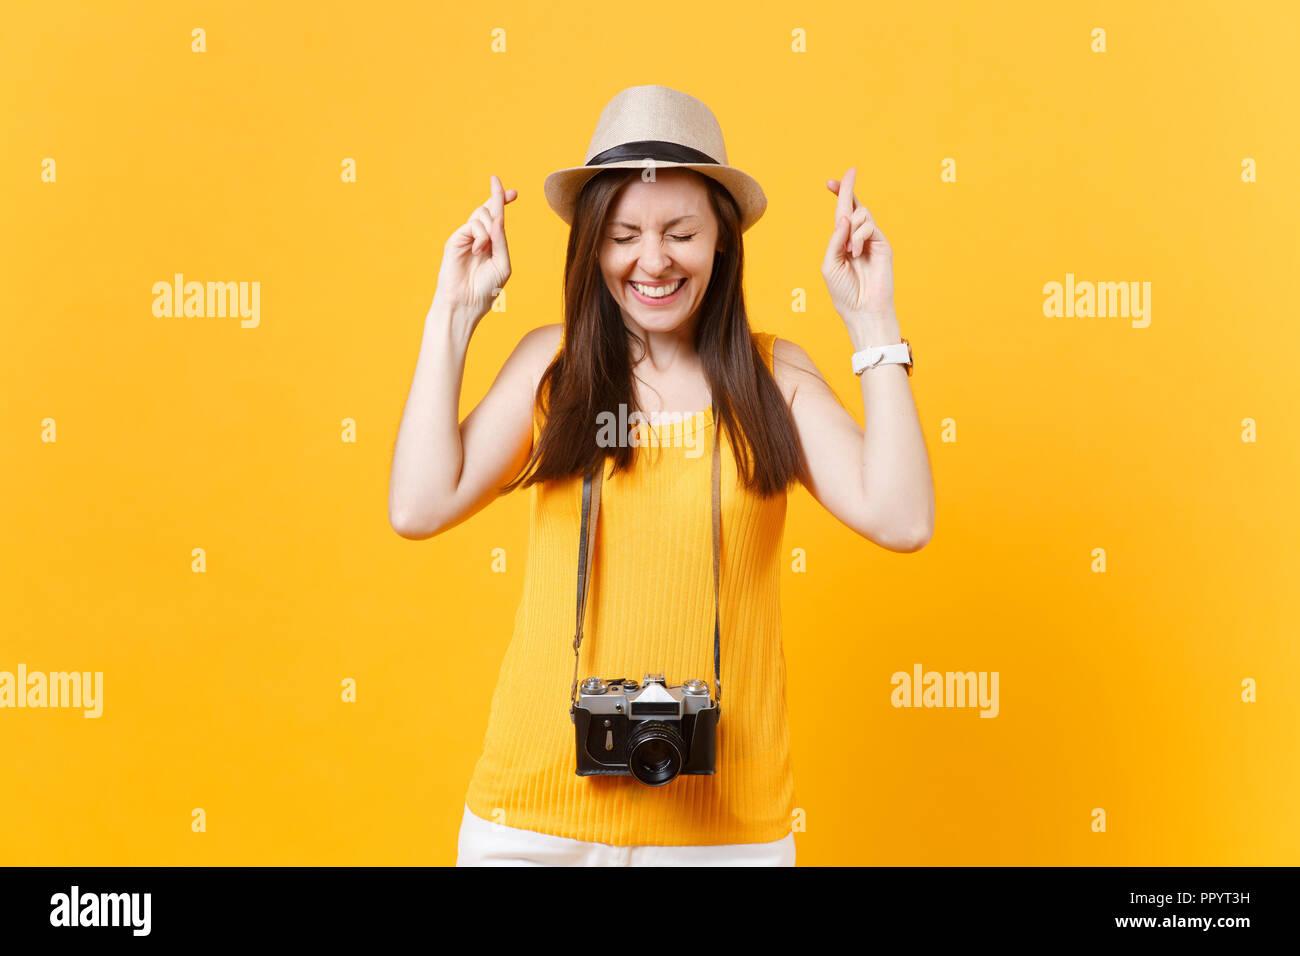 Donna turistica in estate abiti casual hat tenere le dita incrociate a occhi chiusi isolati su sfondo giallo. Femmina passeggero viaggia all'estero a trave Immagini Stock